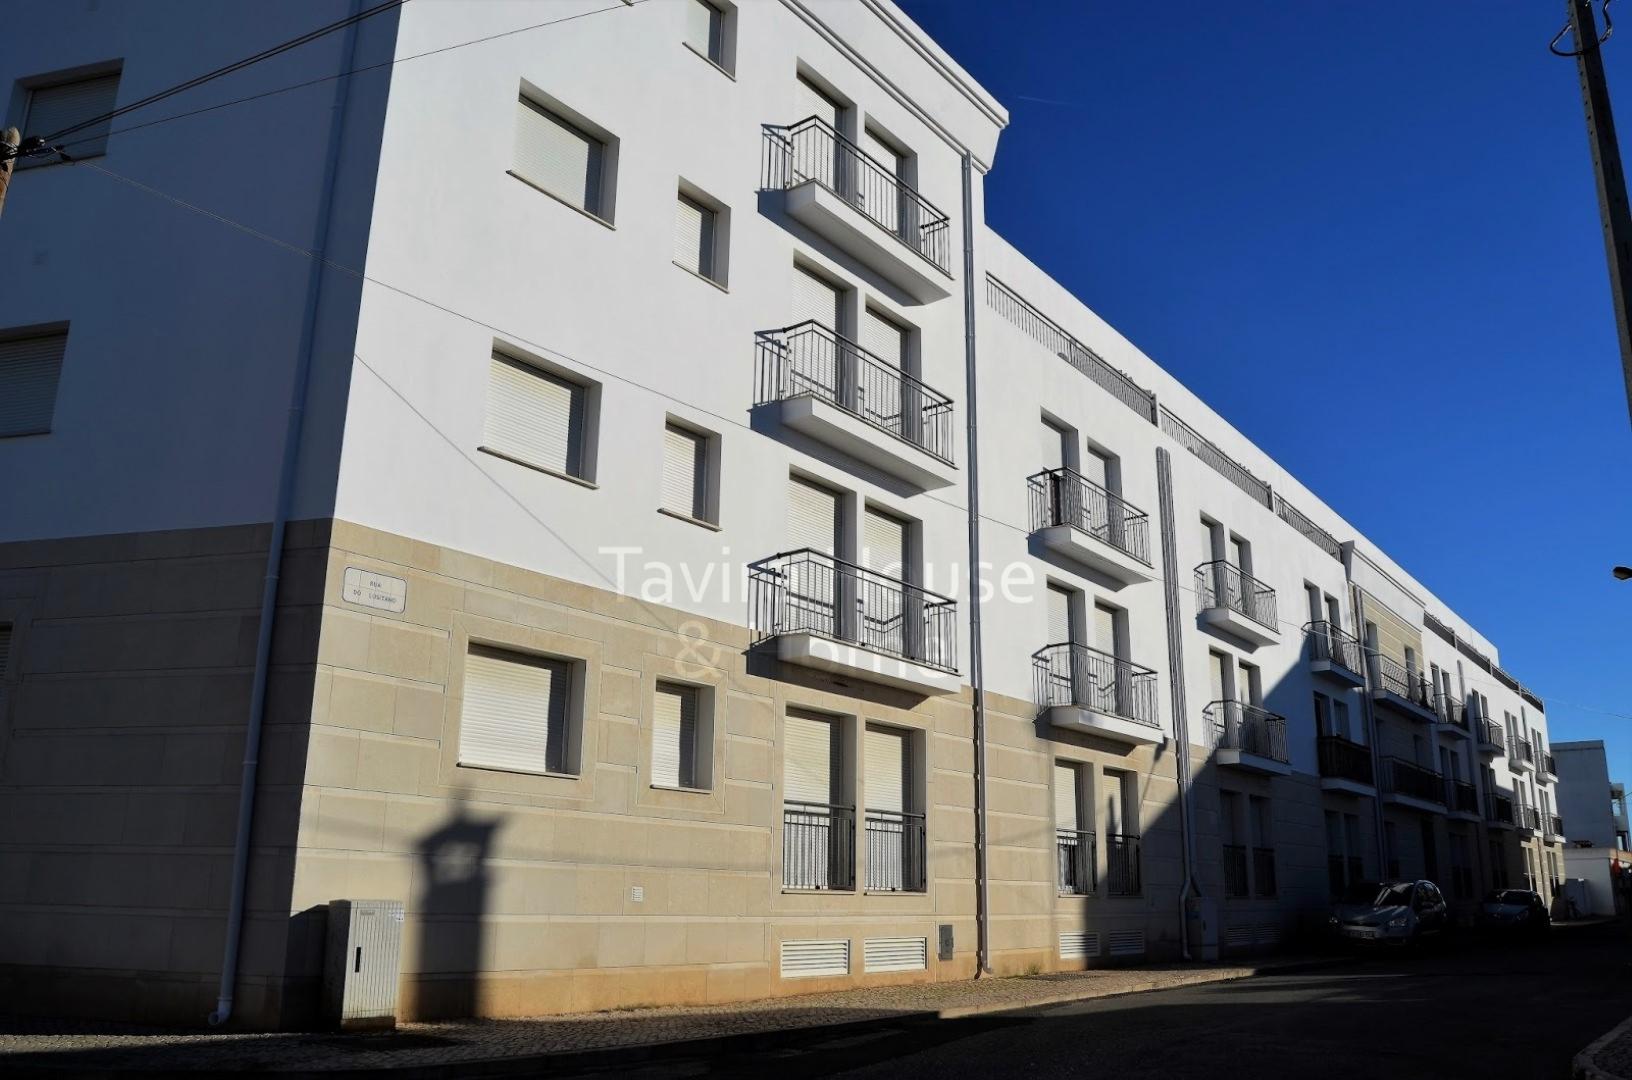 A0498 - 3 Bedroom Apartment With Pool  Vila Real De Santo Antonio  Portugal